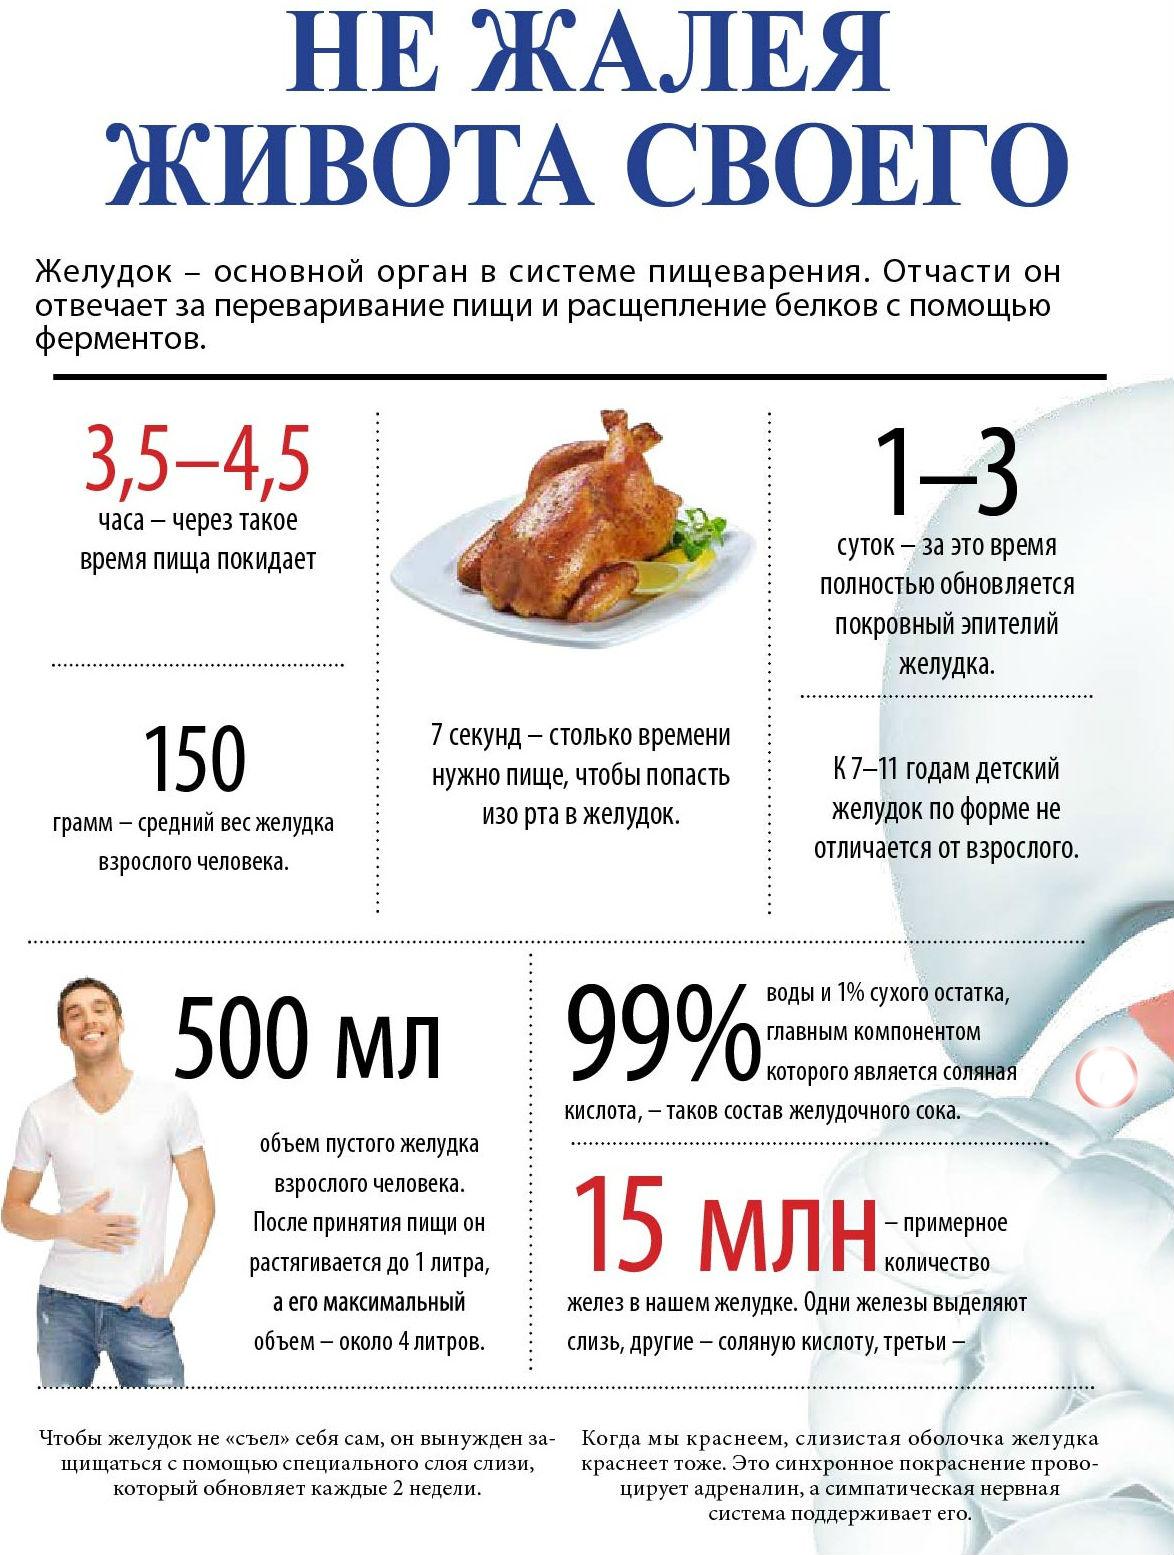 Как уменьшить желудок, чтобы похудеть